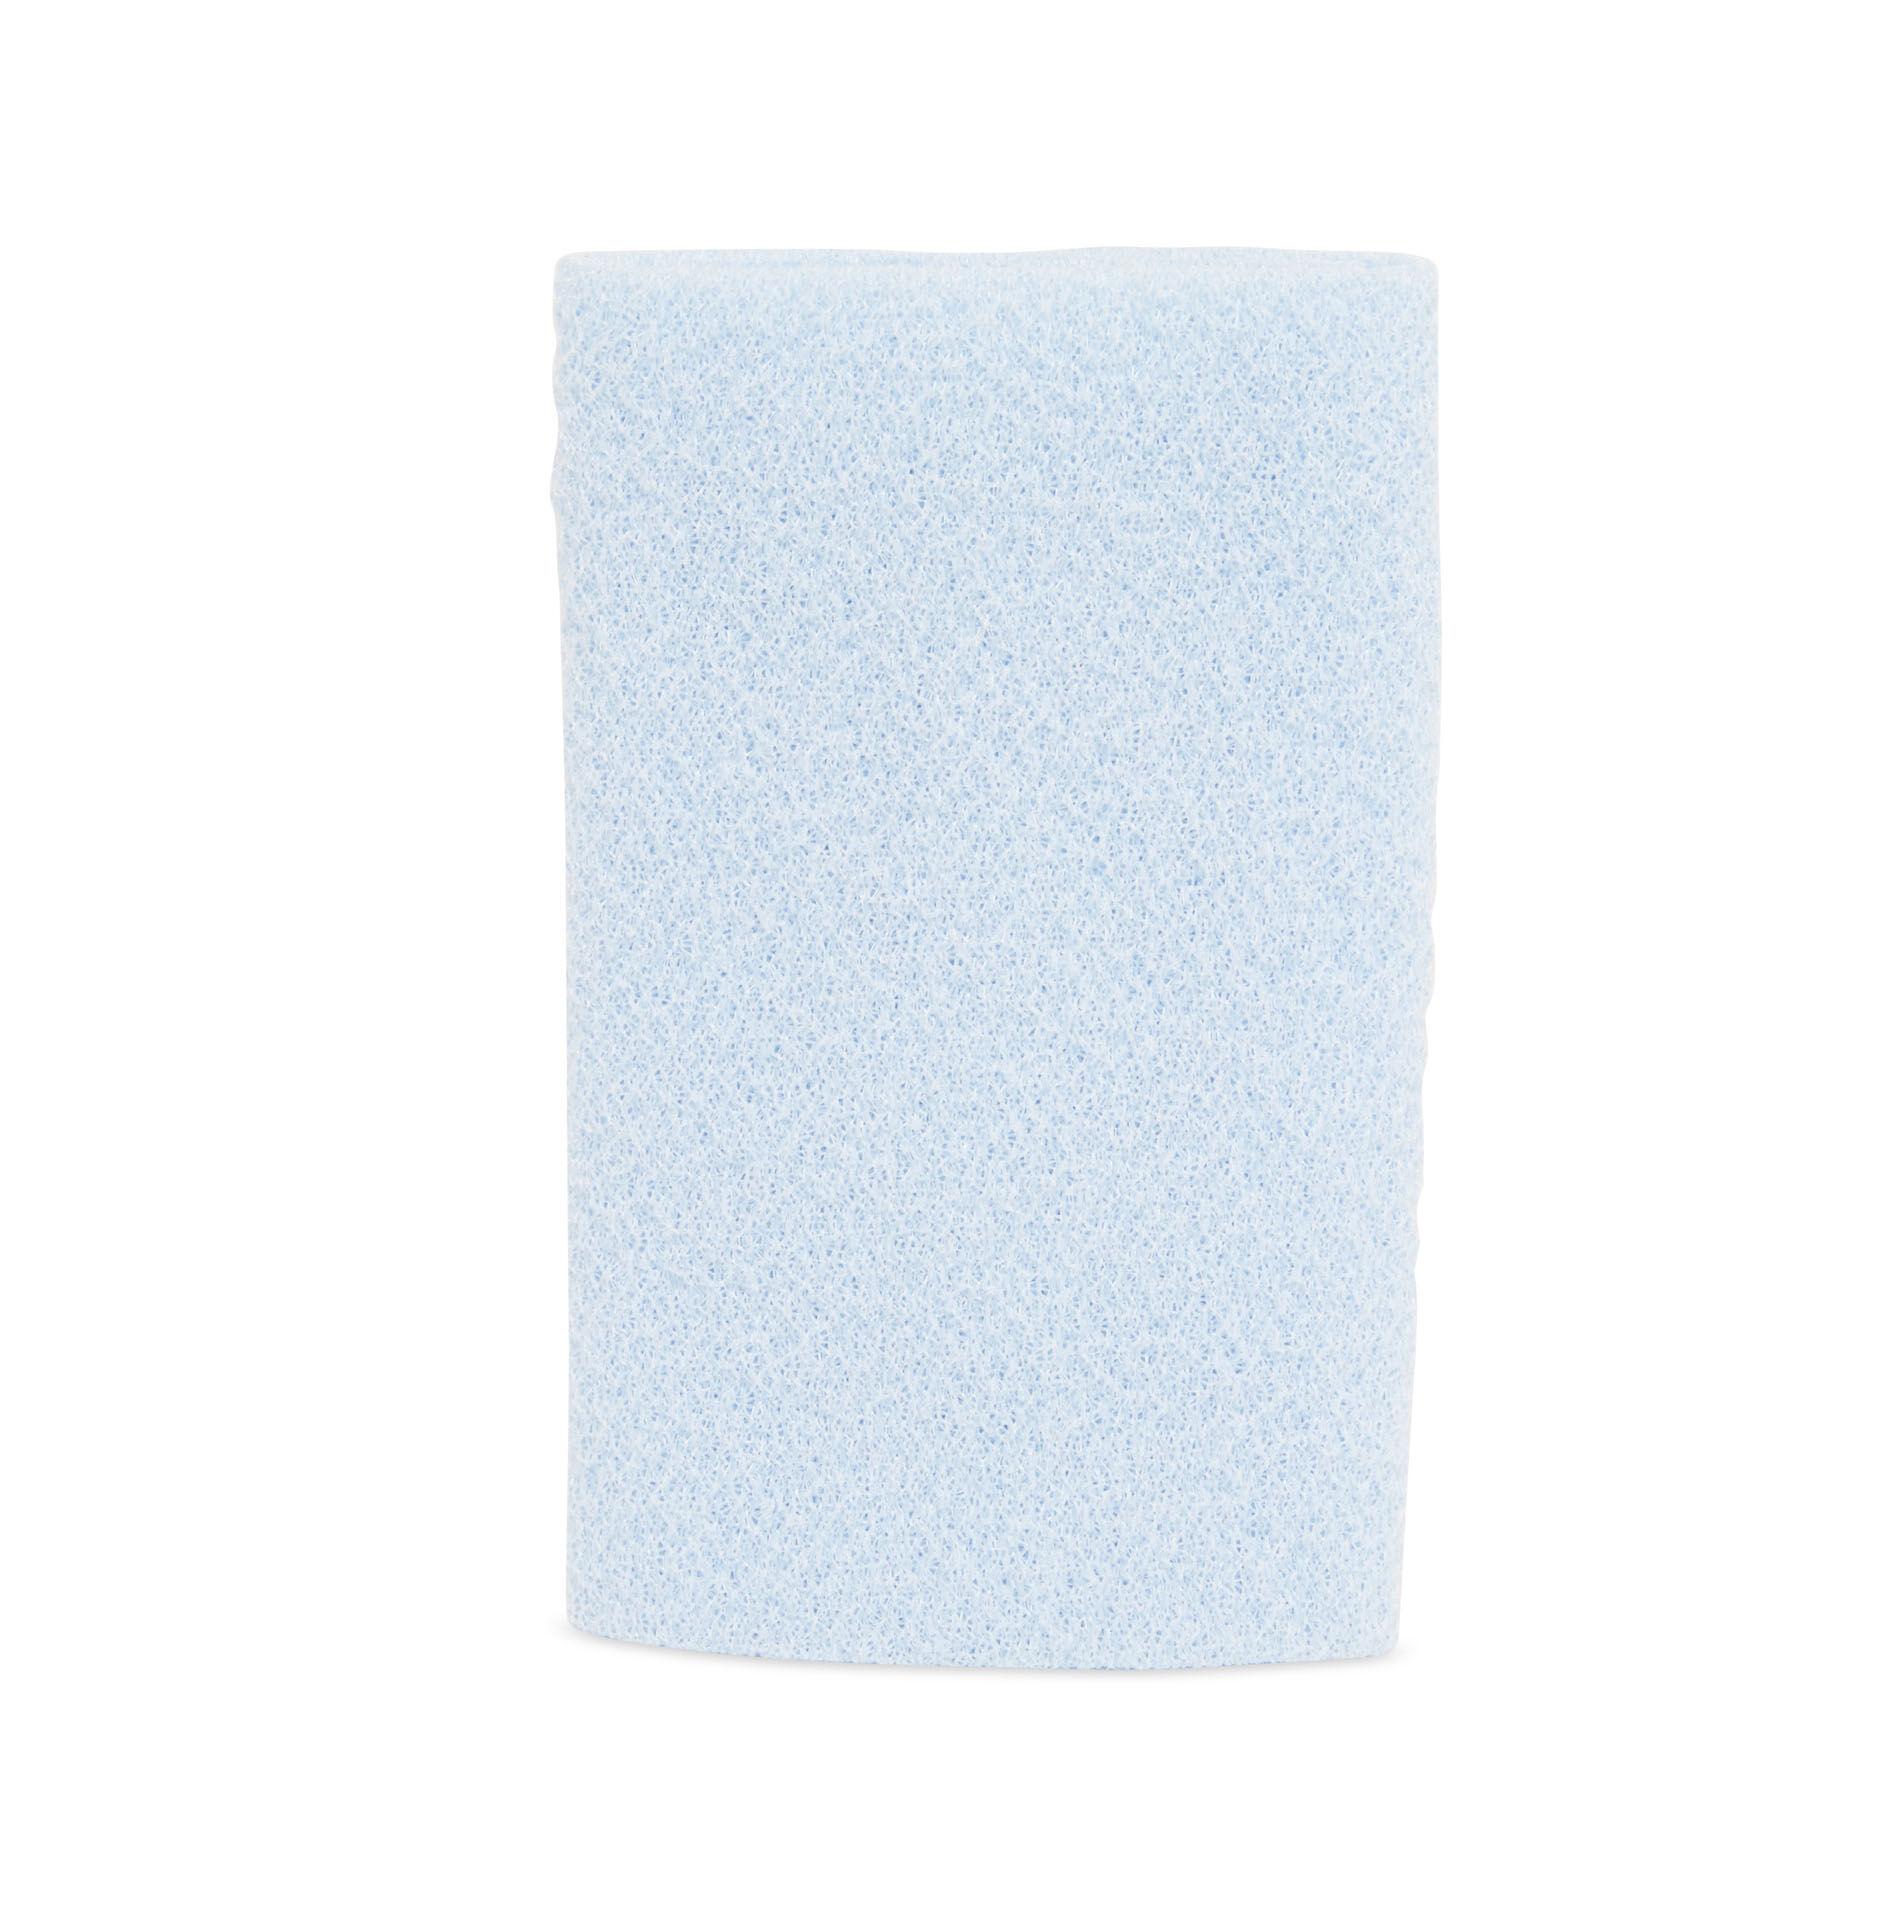 Tissu exfoliant pour le corps, , large